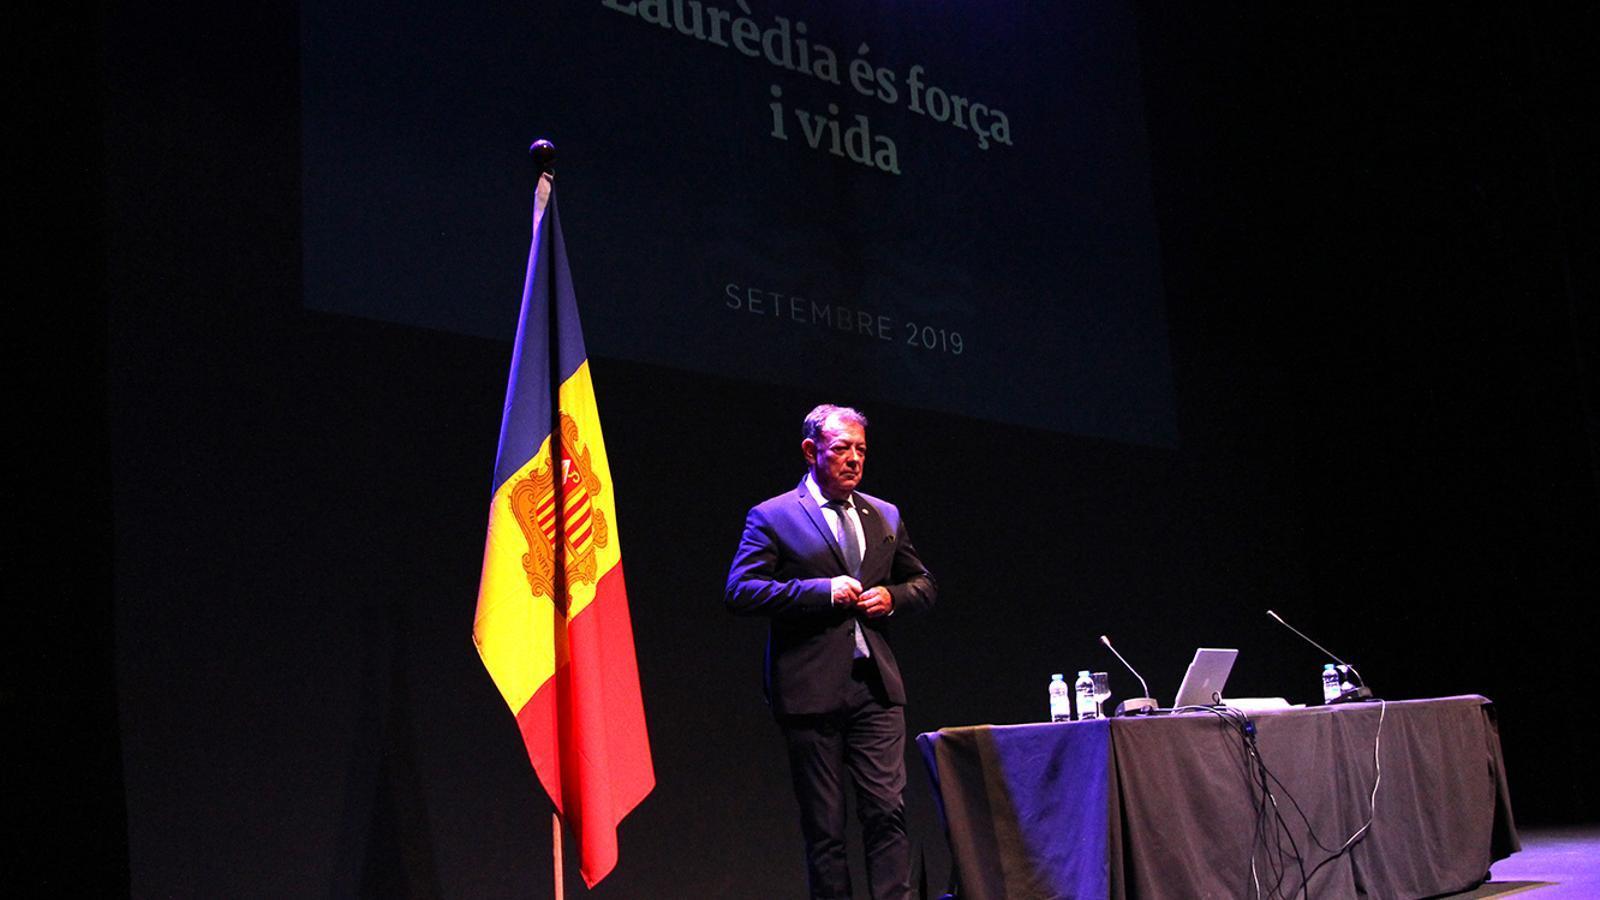 El cònsol major de Sant Julià de Lòria, Josep Miquel Vila, moment abans de l'inici de la reunió de poble. / M. F. (ANA)